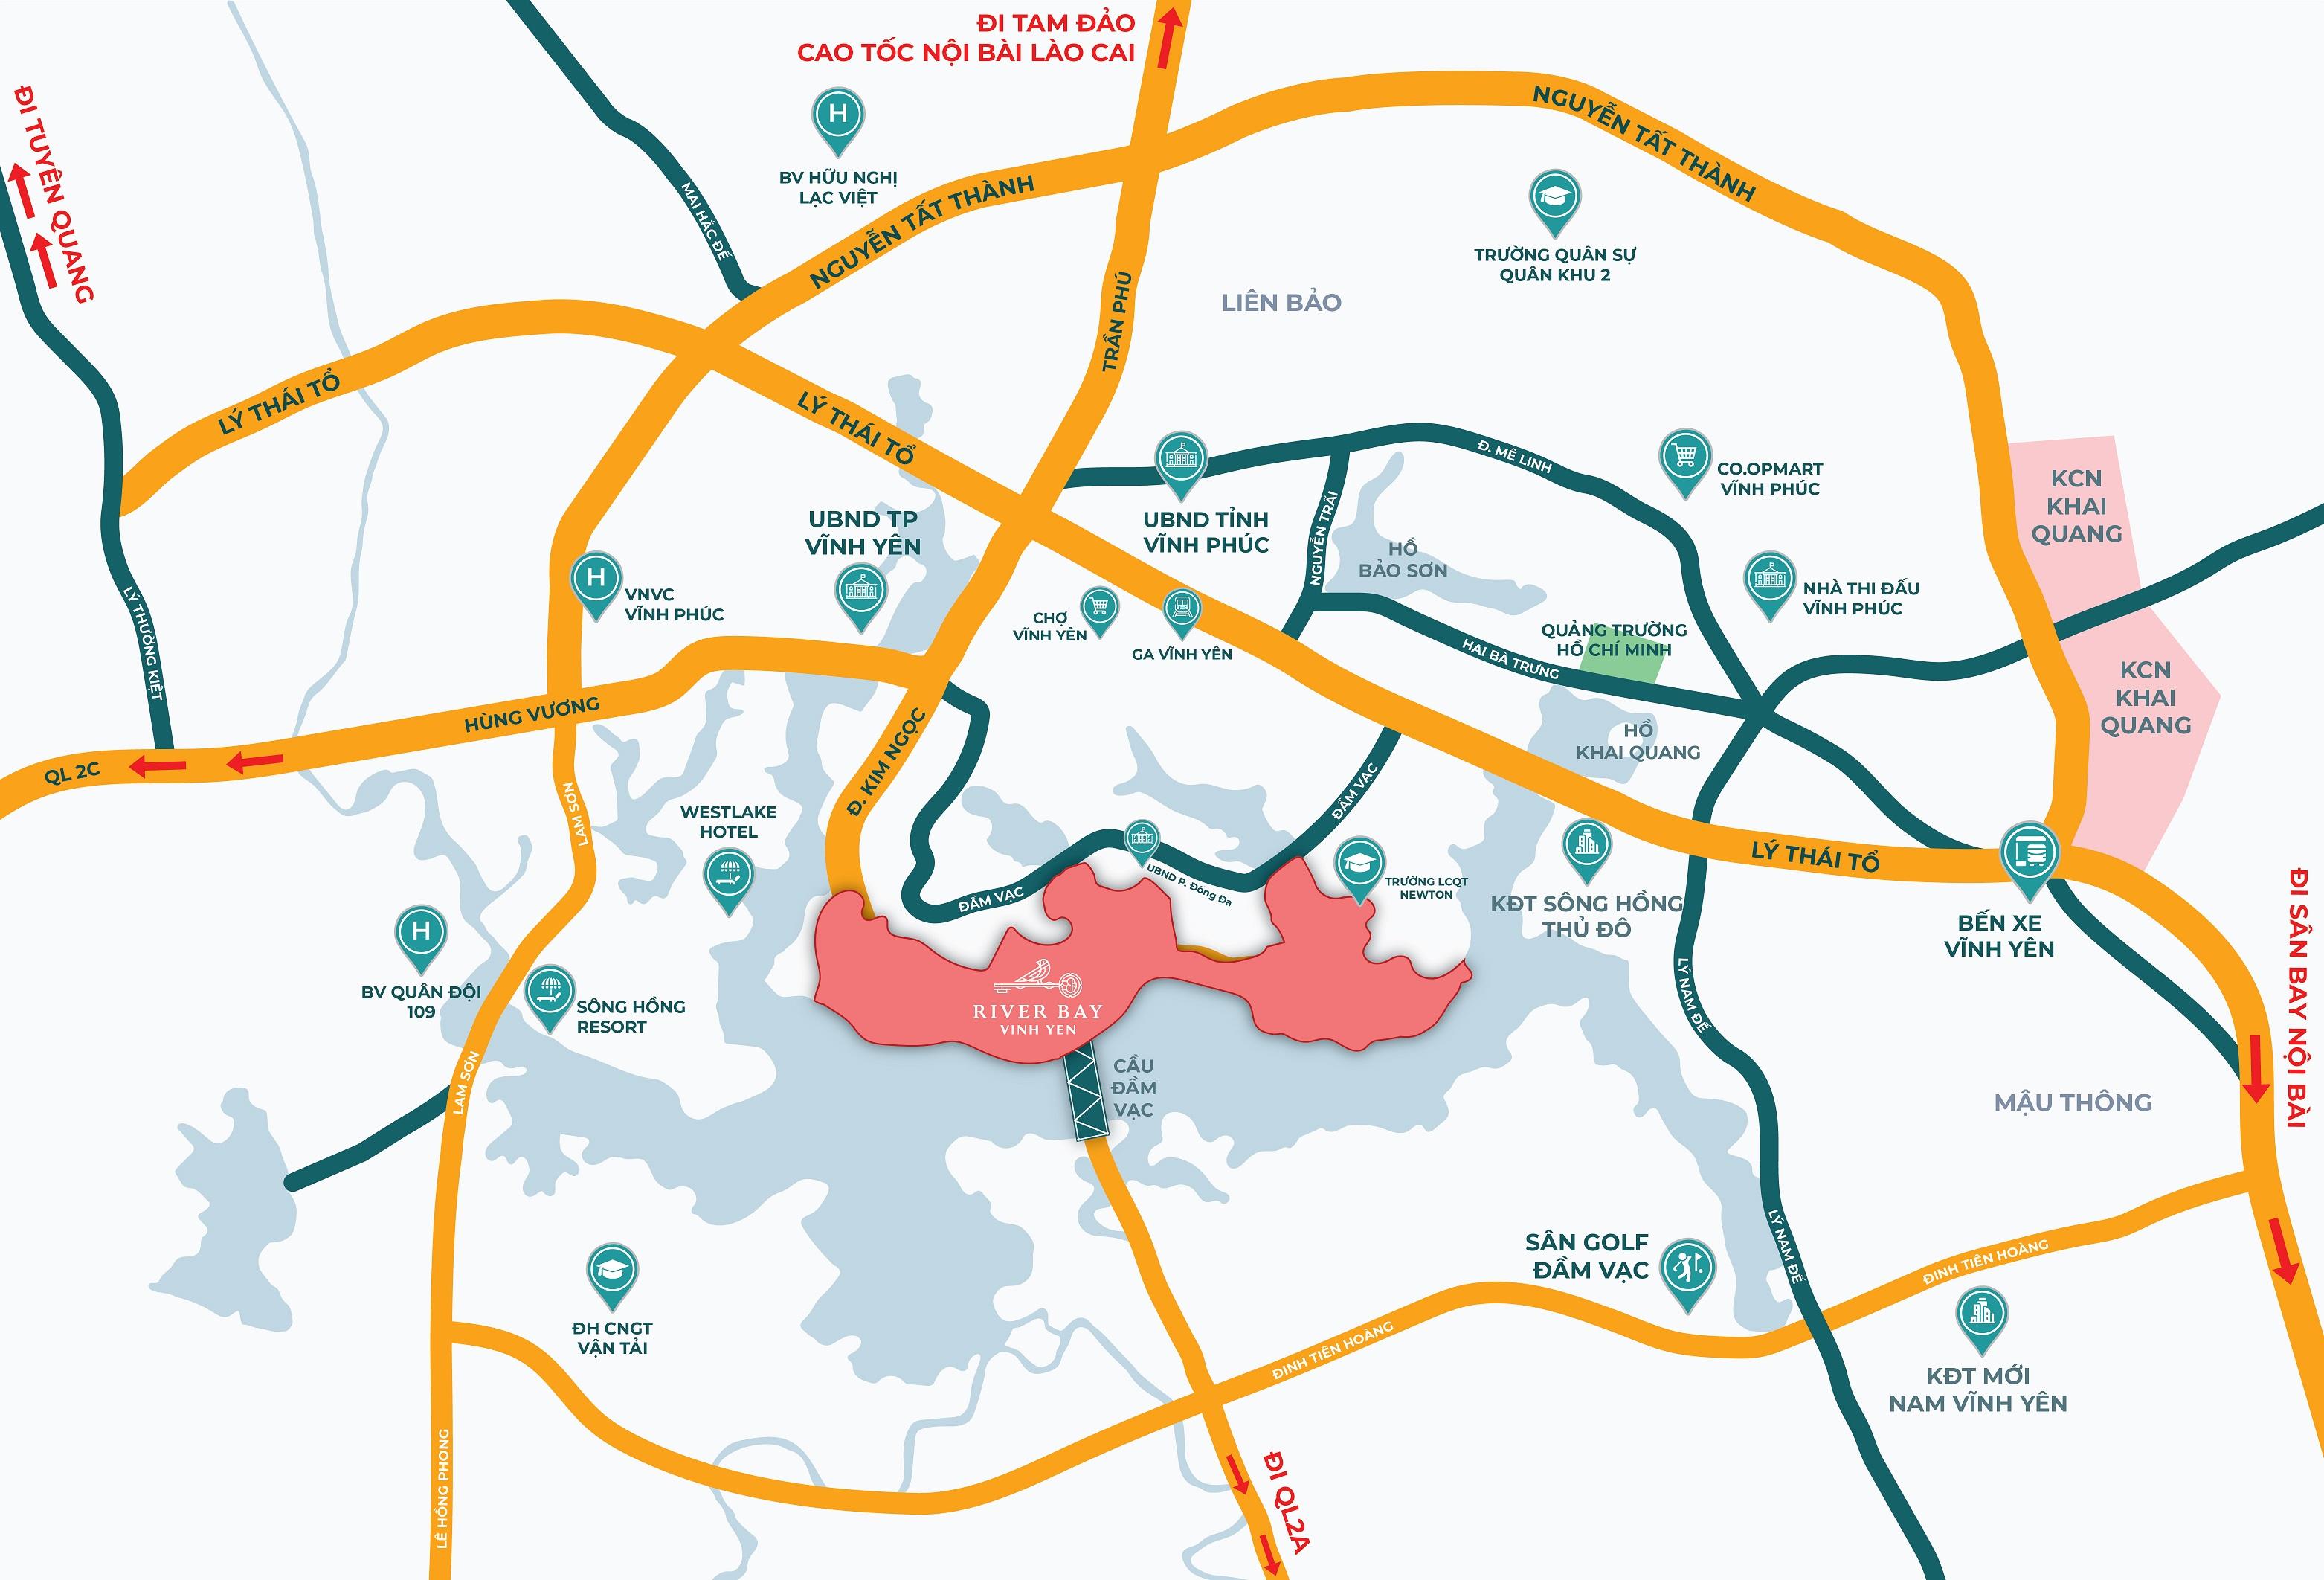 Dự án River Bay Vĩnh Yên nằm bên bờ bắc Đầm Vạc liền kề Trung tâm Hành Chính - Chính Trị Vĩnh Phúc